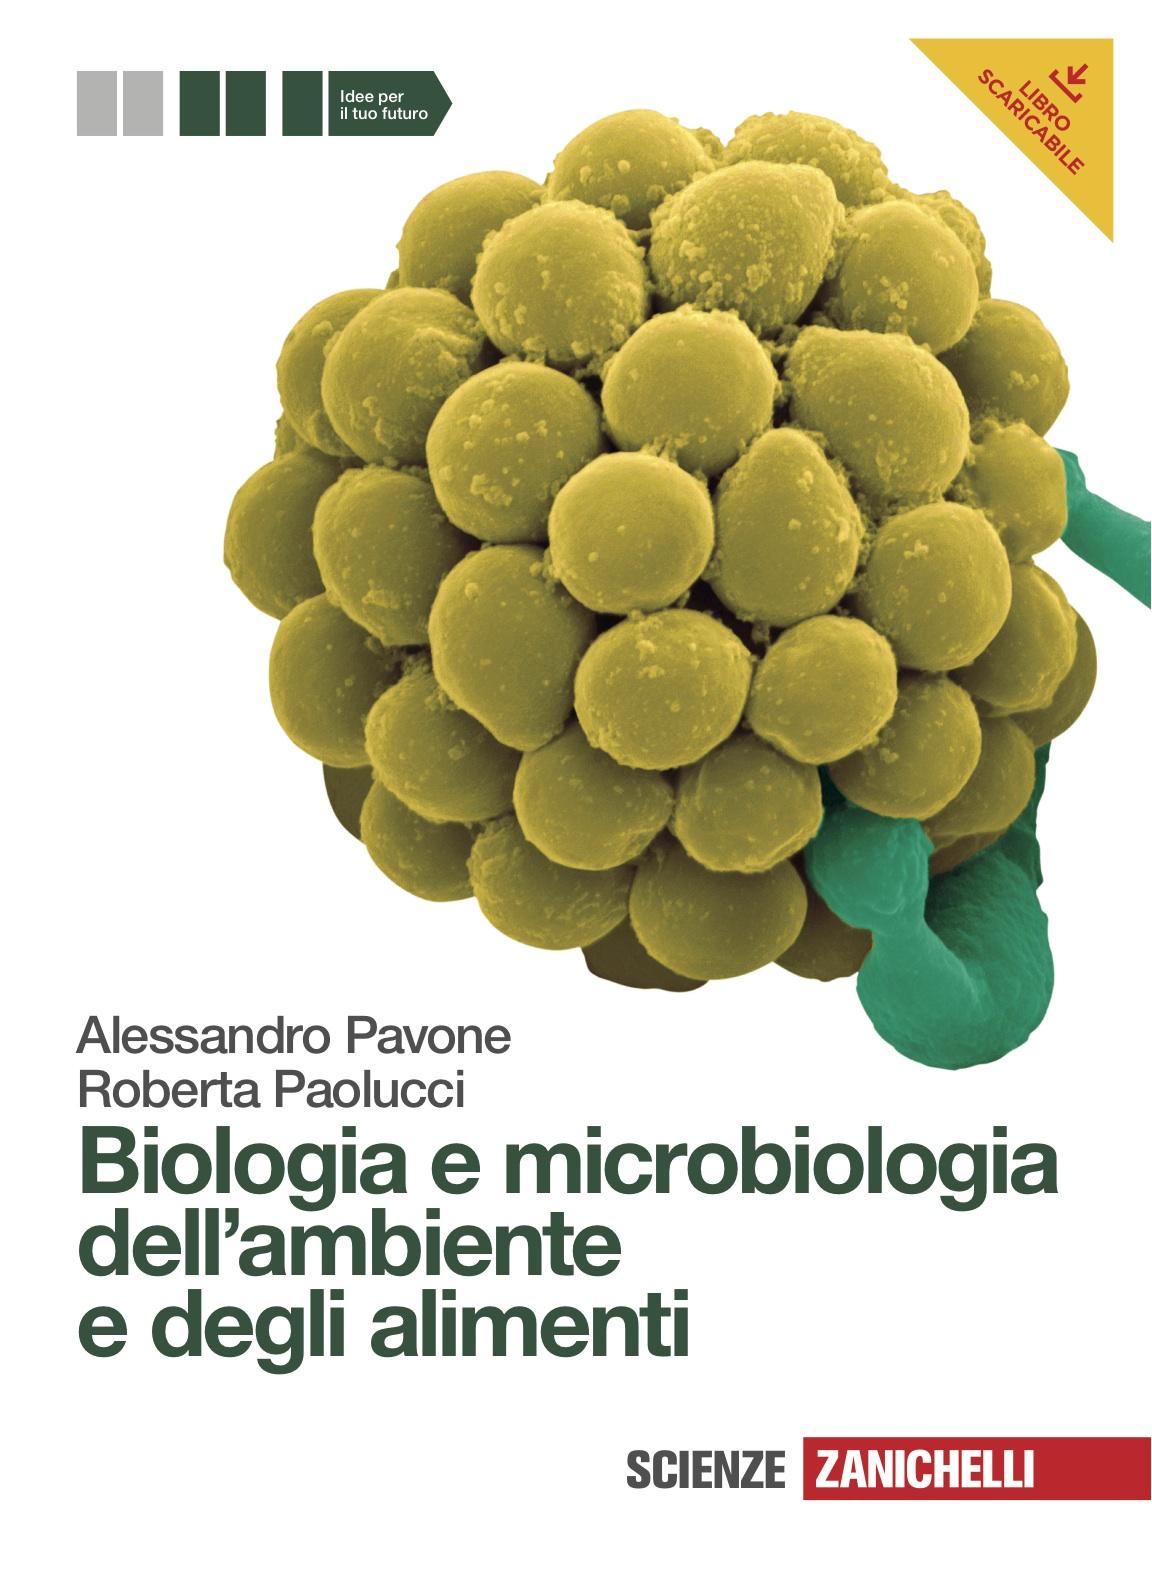 Biologia e microbiologia dell'ambiente e degli alimenti